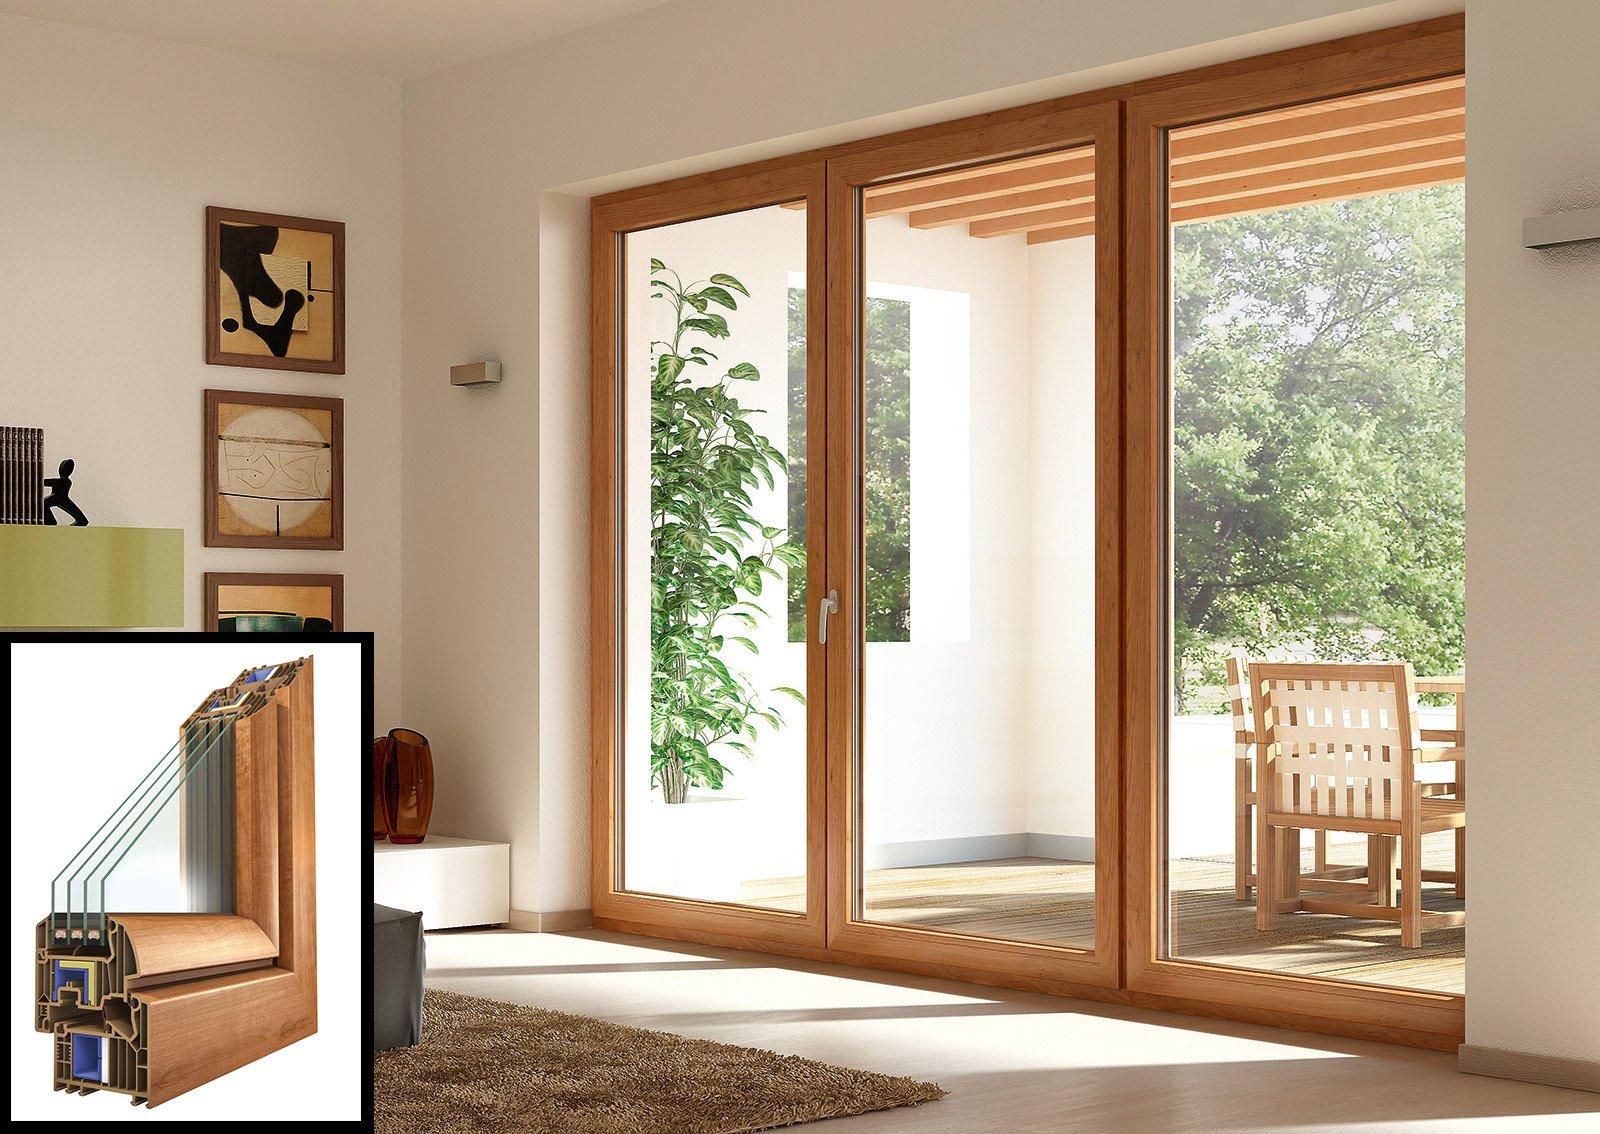 Scegliere le finestre isolanti per evitare dispersione e - La casa con le finestre che ridono ...